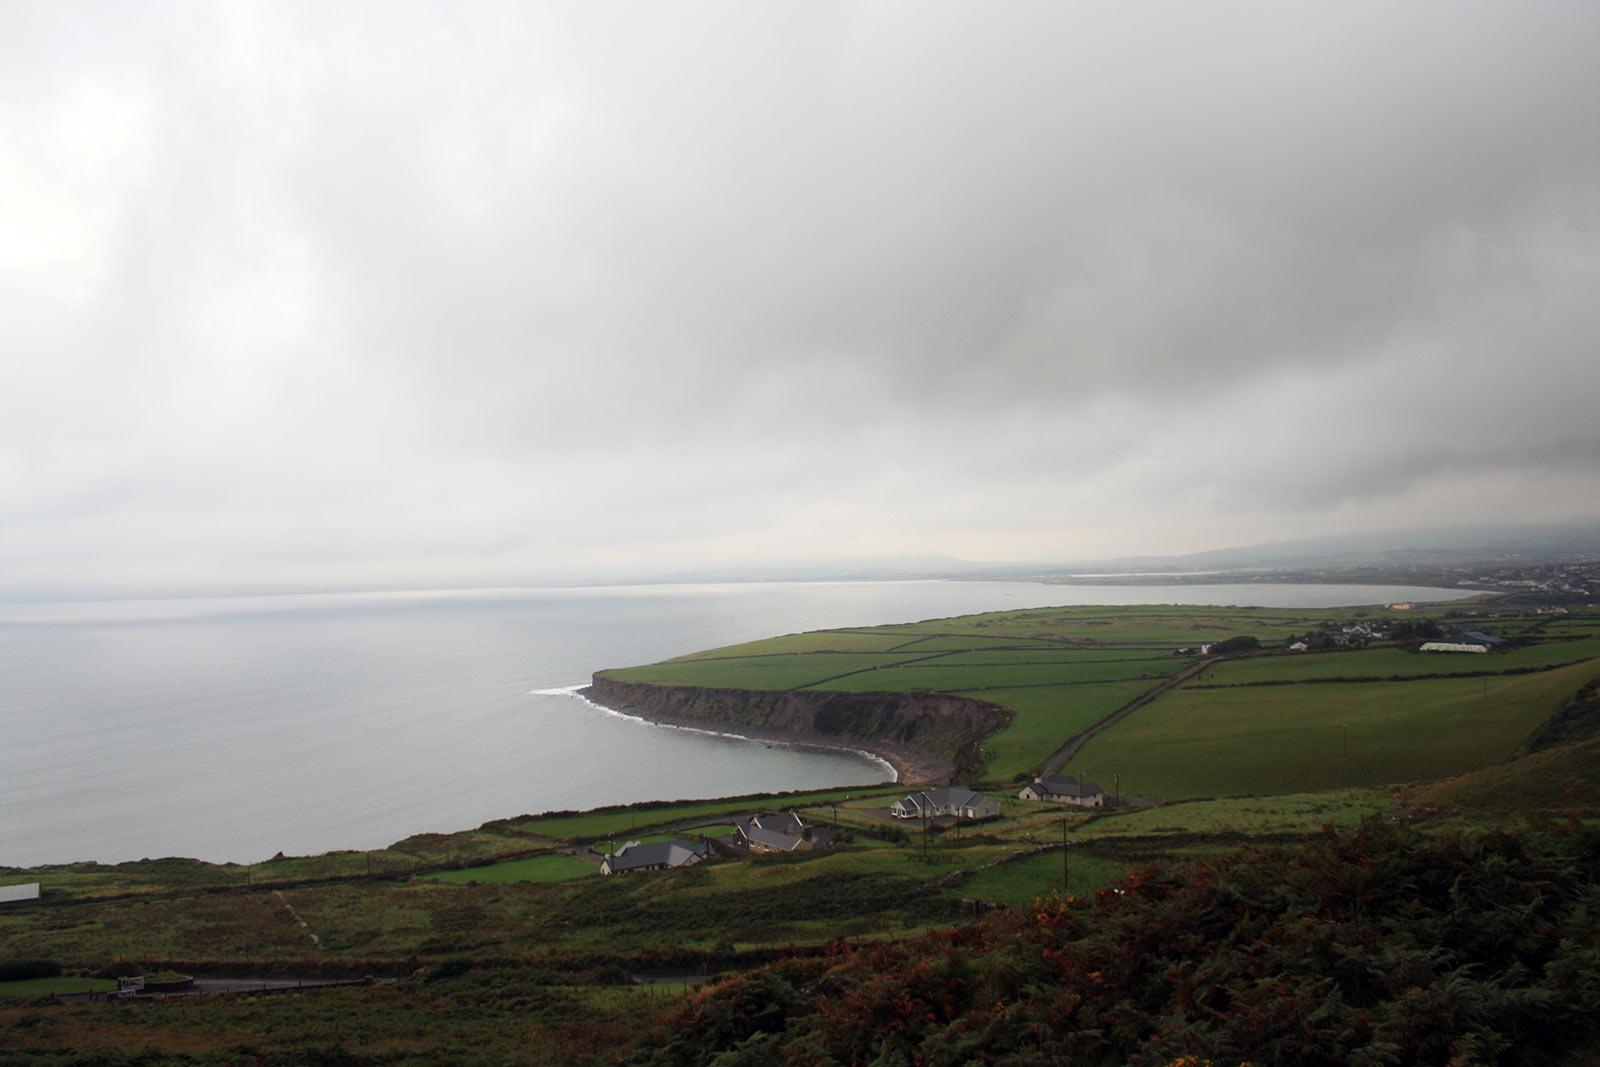 Klamotten-Packliste für kühle und regnerische Reiseziele; Reisetipps Irland Rundreise;